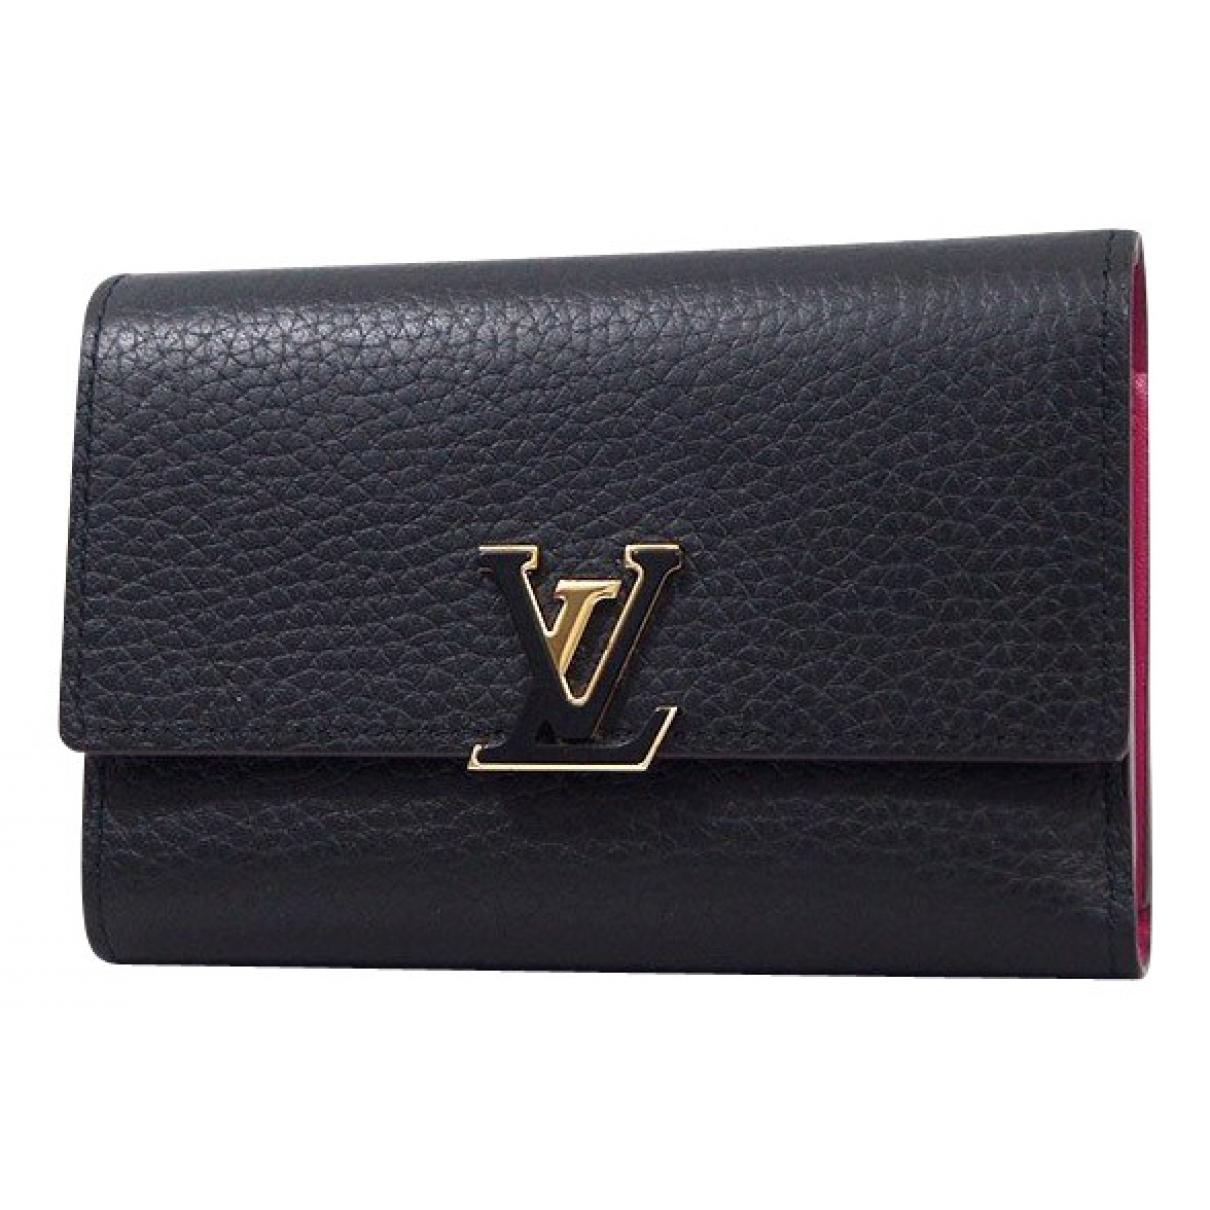 Louis Vuitton - Portefeuille Capucines pour femme en cuir - noir